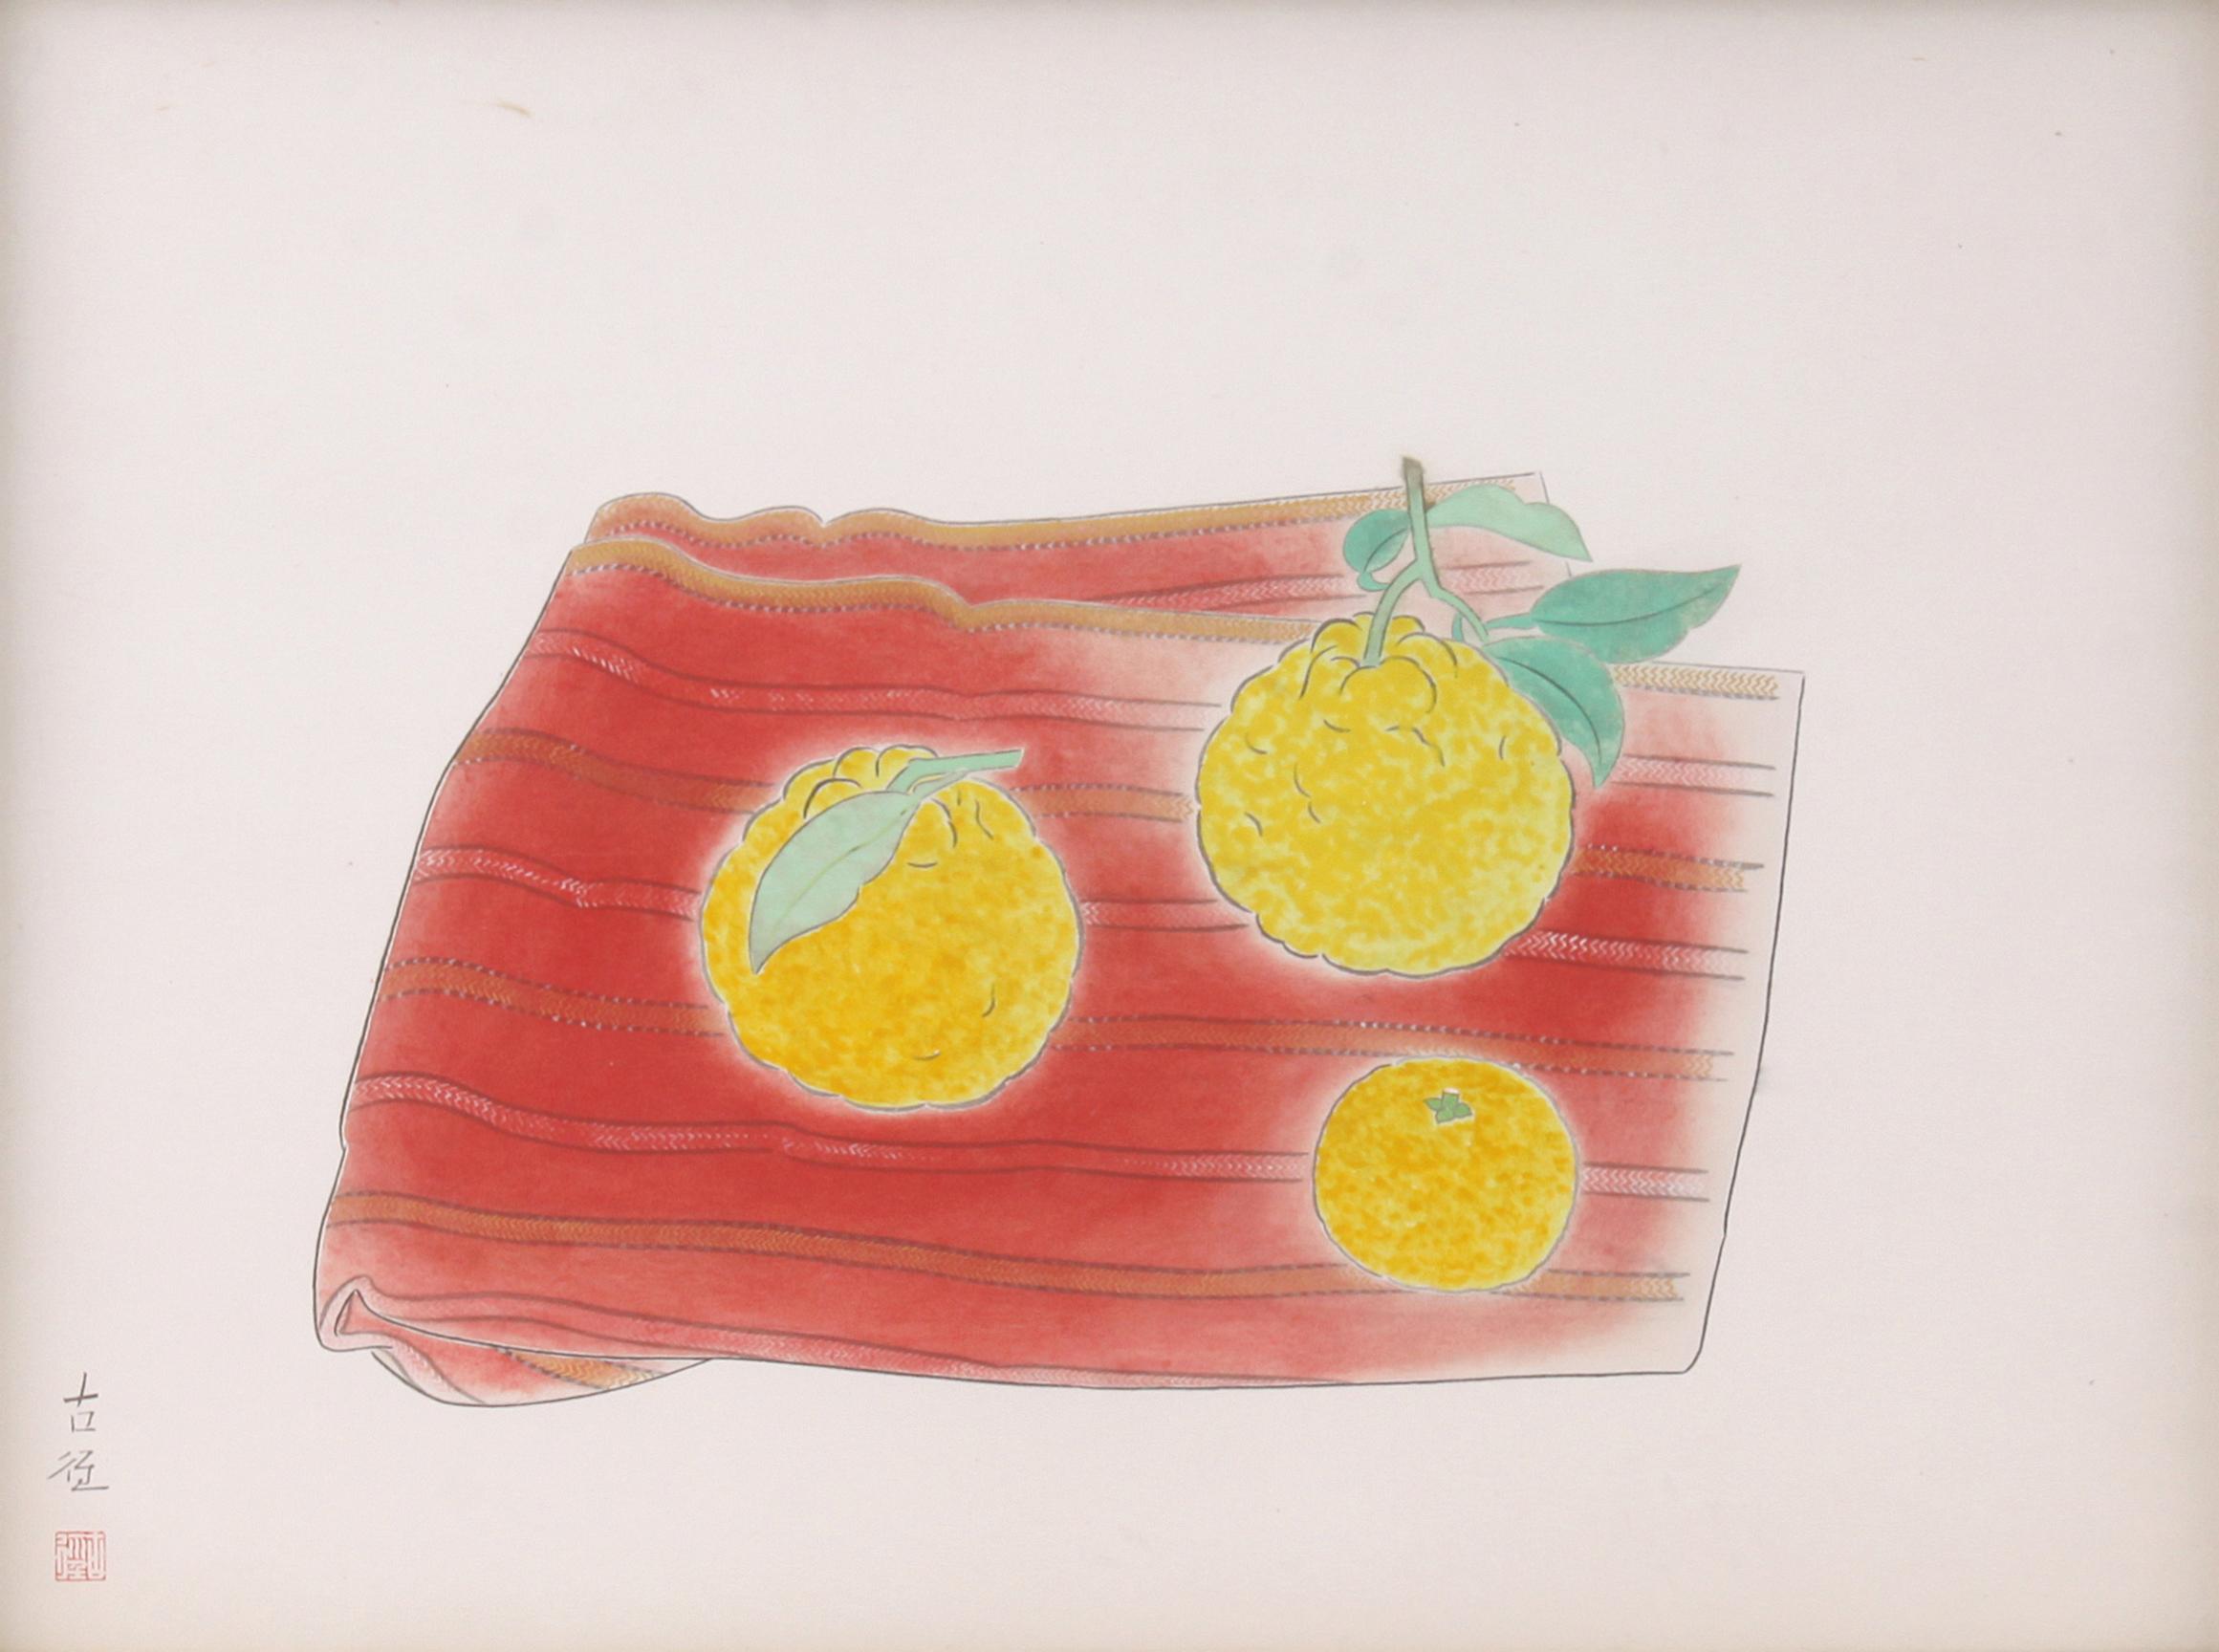 小林 古径 | リベラコレクション